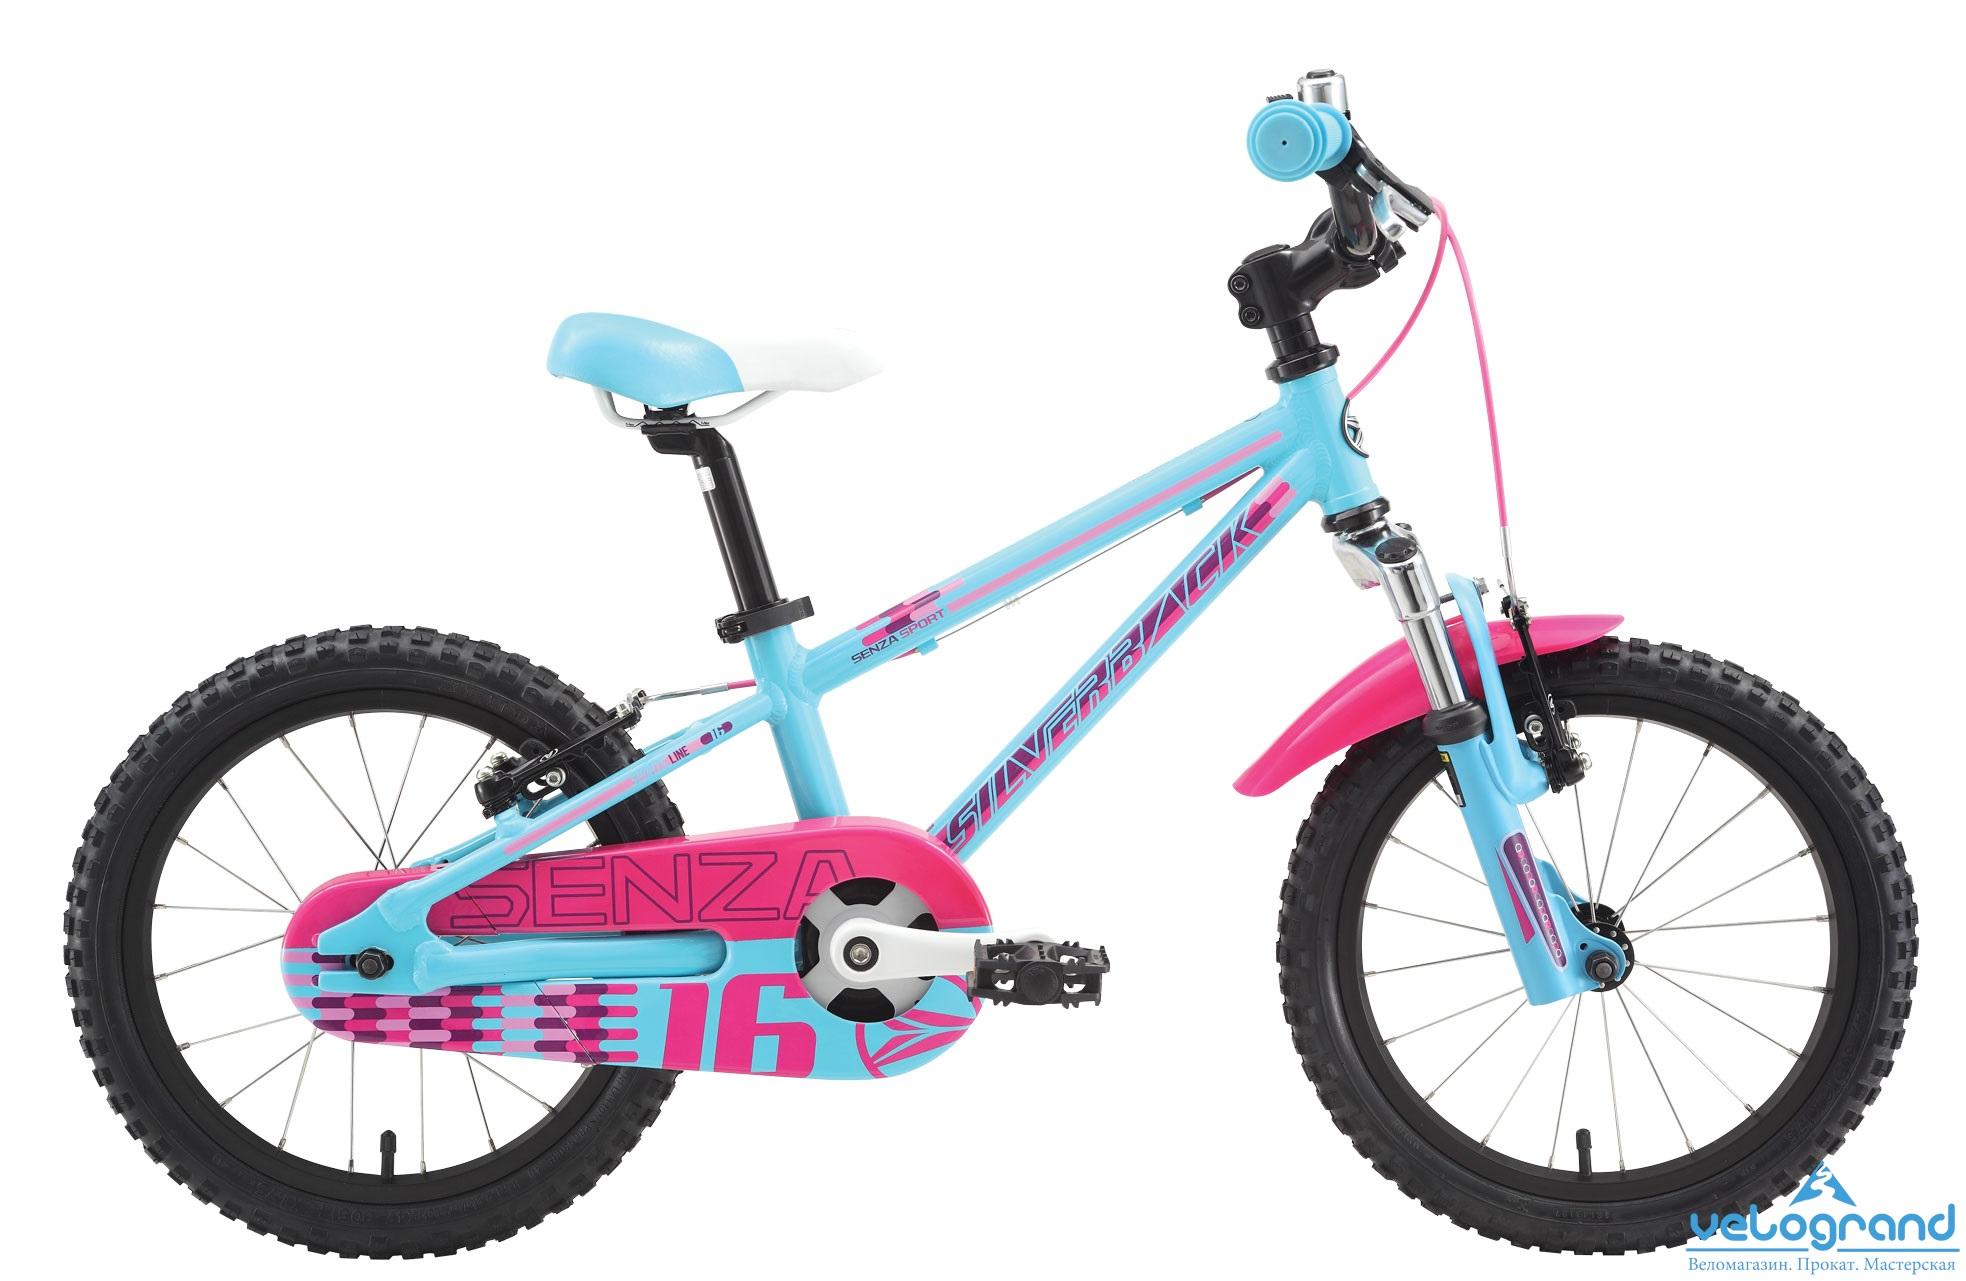 Детский велосипед Silverback Senza 16 Sport (2015), Цвет Голубо-Розовый